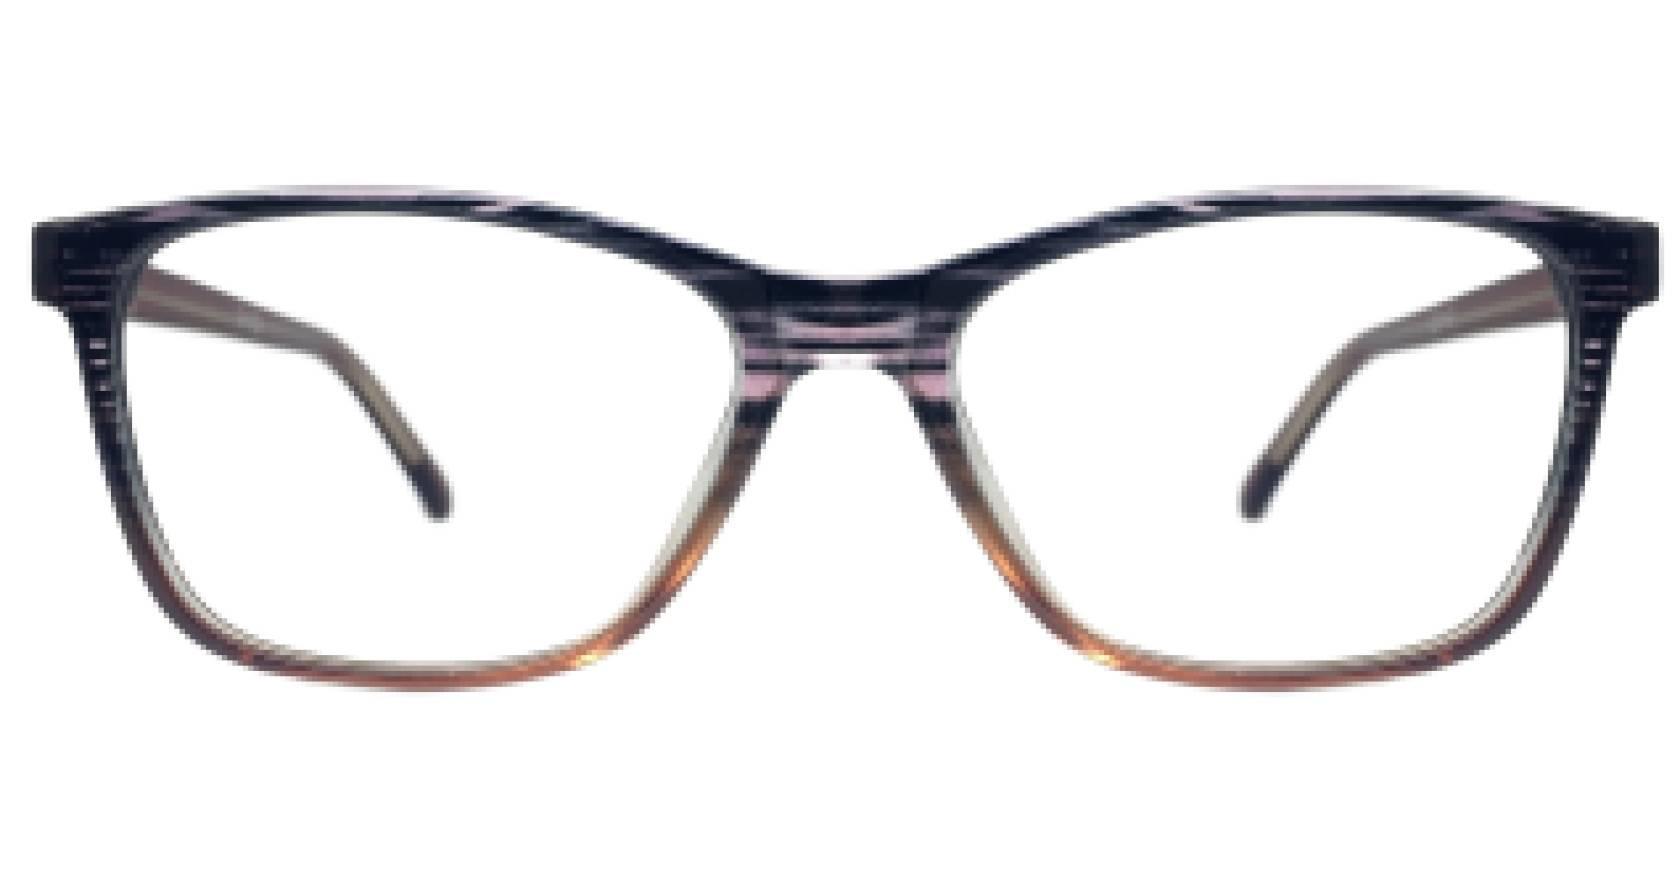 imagen miniatura frontal de la referencia 1001181